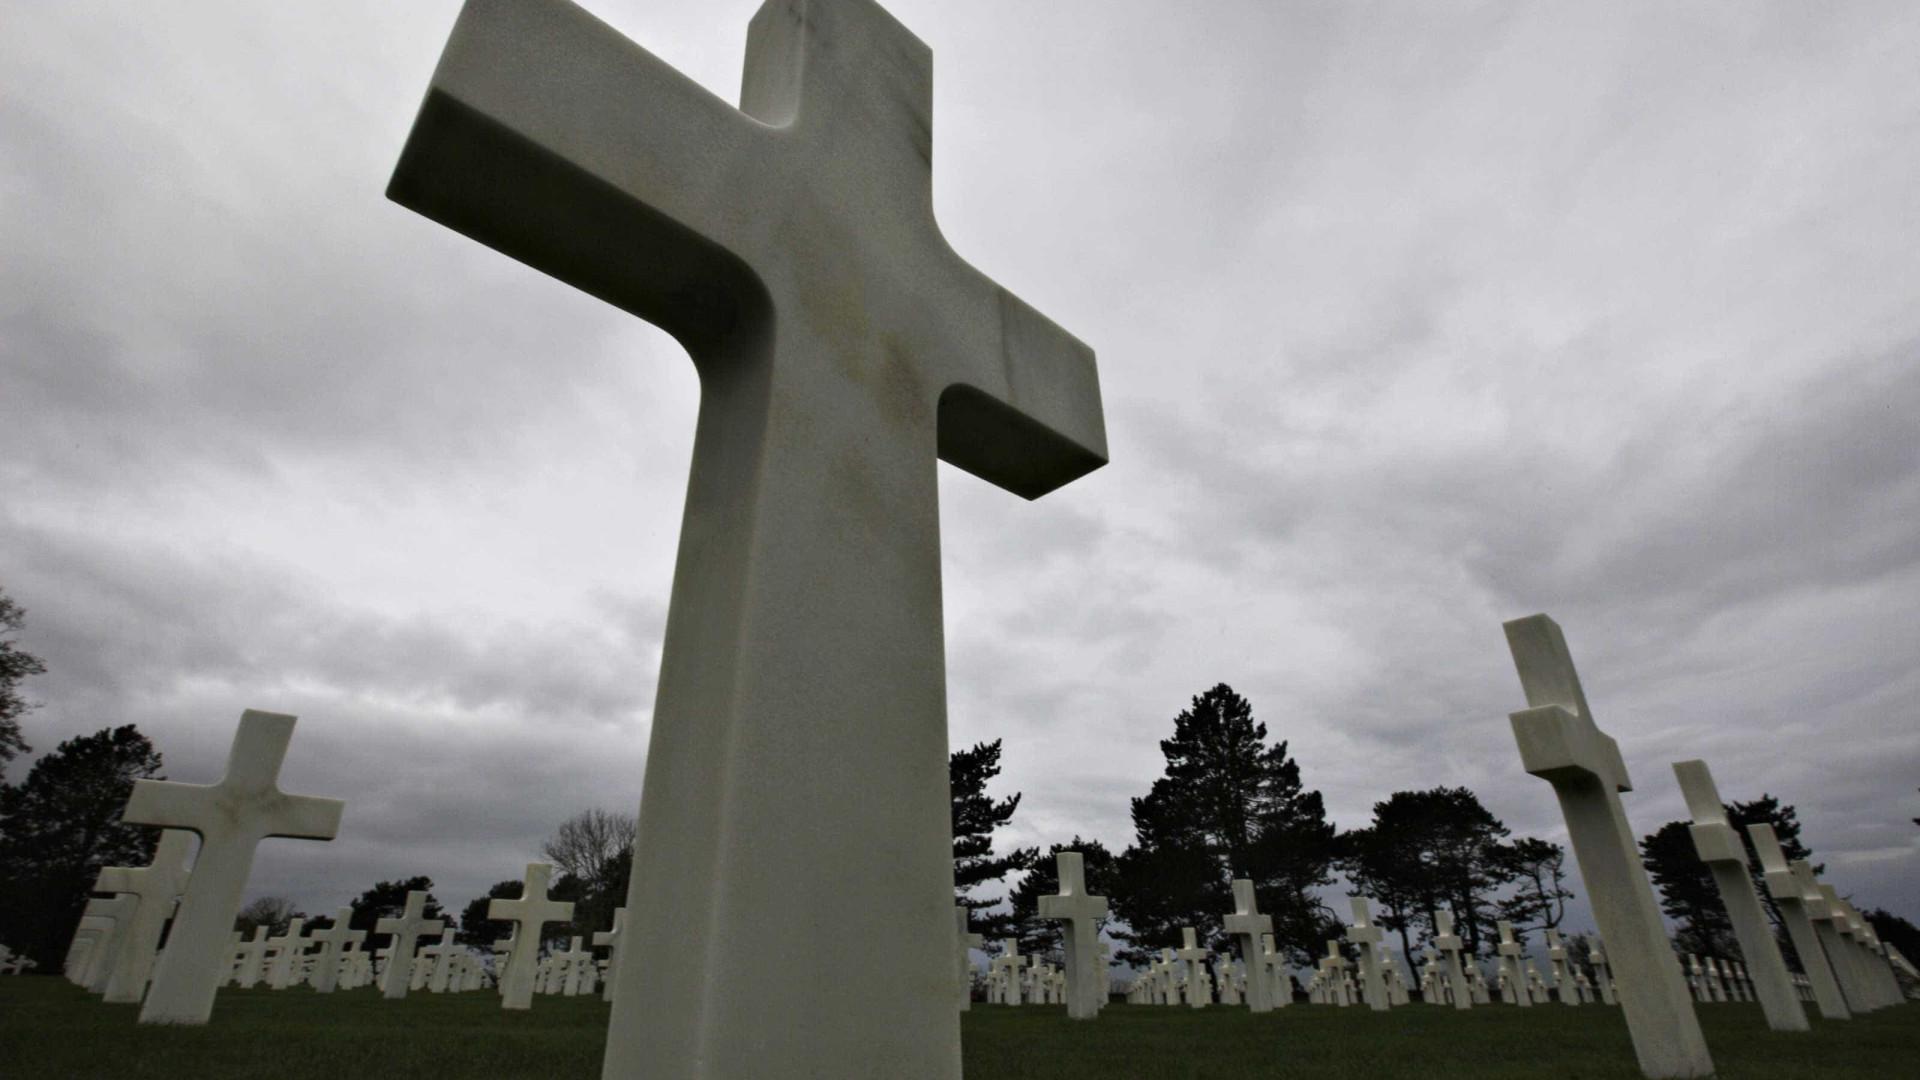 Vândalos abrem sepultura de cemitério em Bauru e espalham ossos